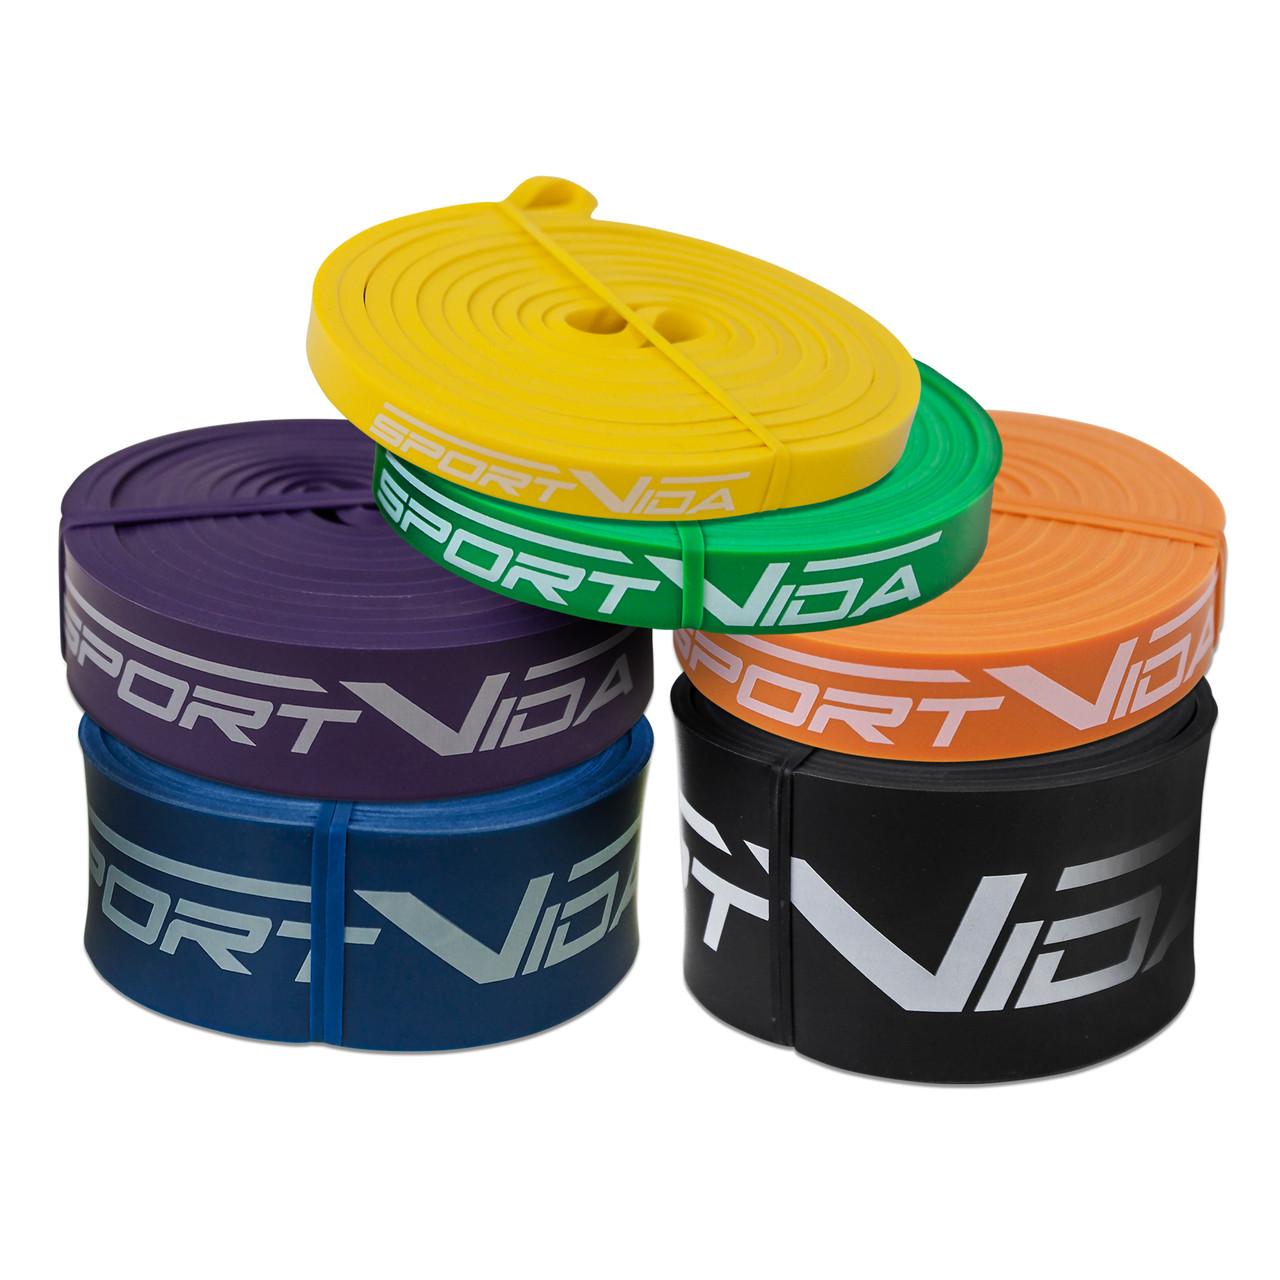 Эспандер-ленточный (резинка для фитнеса и спорта) SportVida Power Band 6 шт 0-46 кг SV-HK004-345678